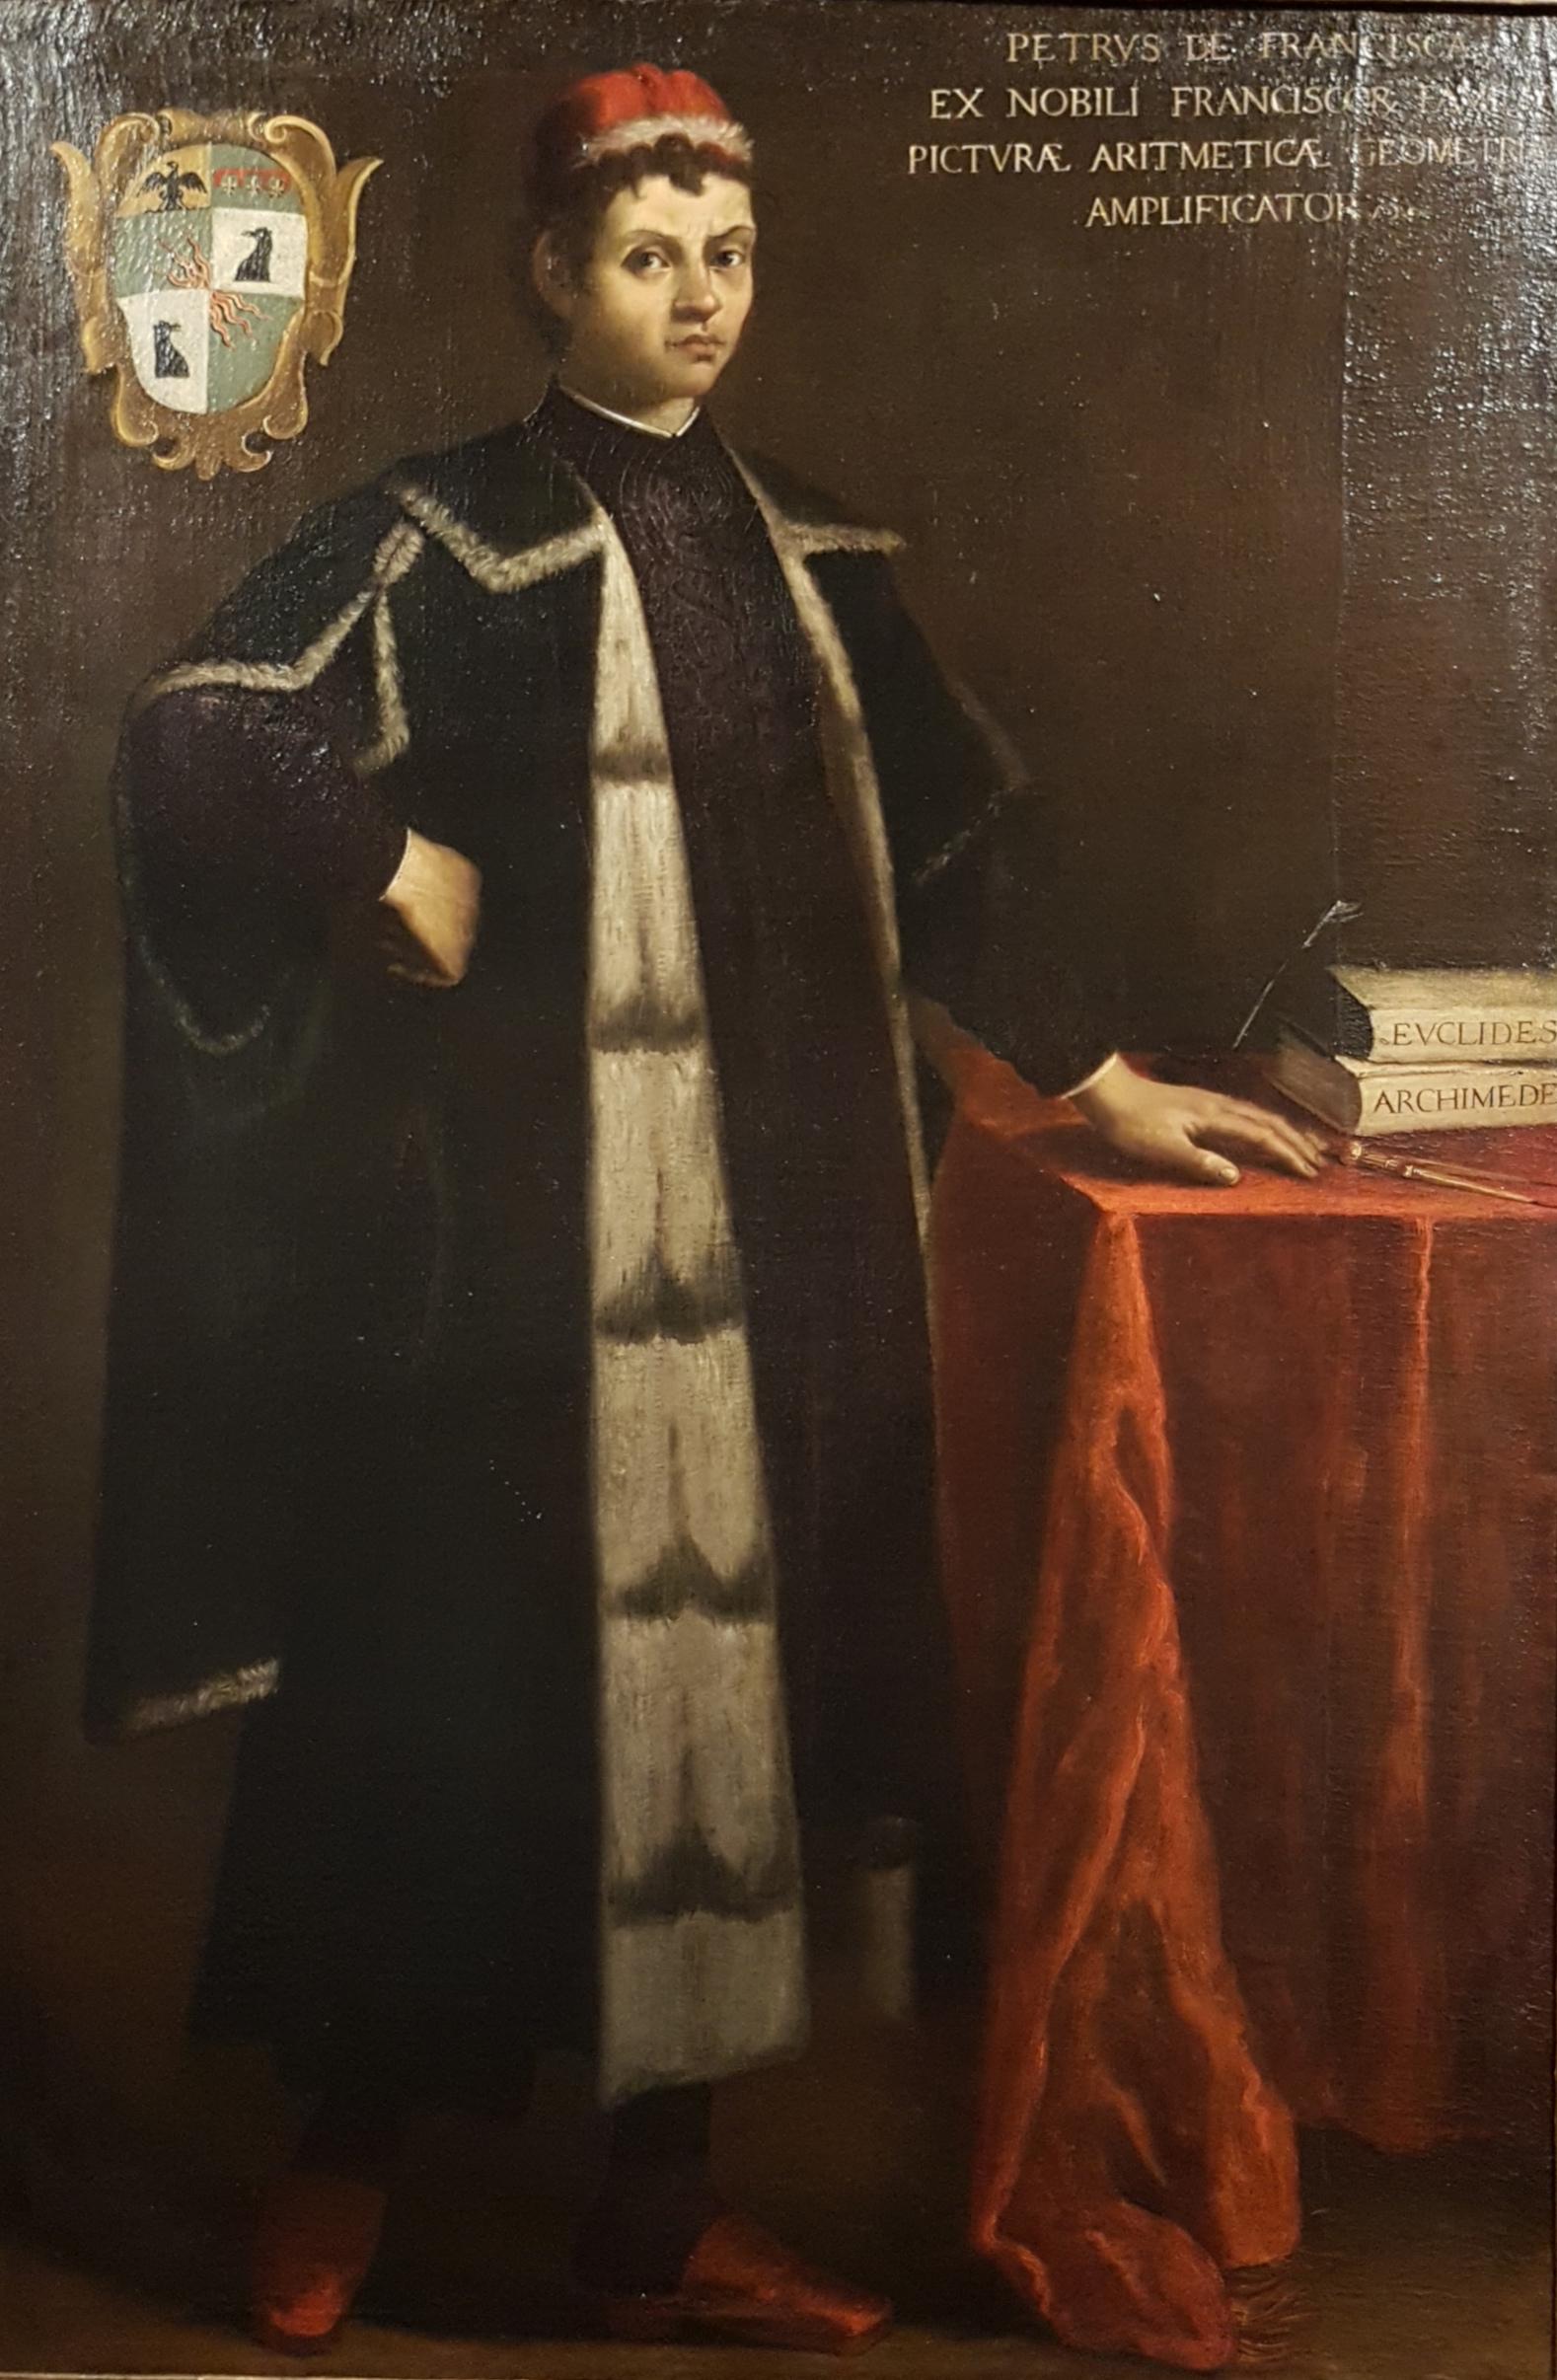 Santi di Tito - Portrait of Piero della Francesca.jpg